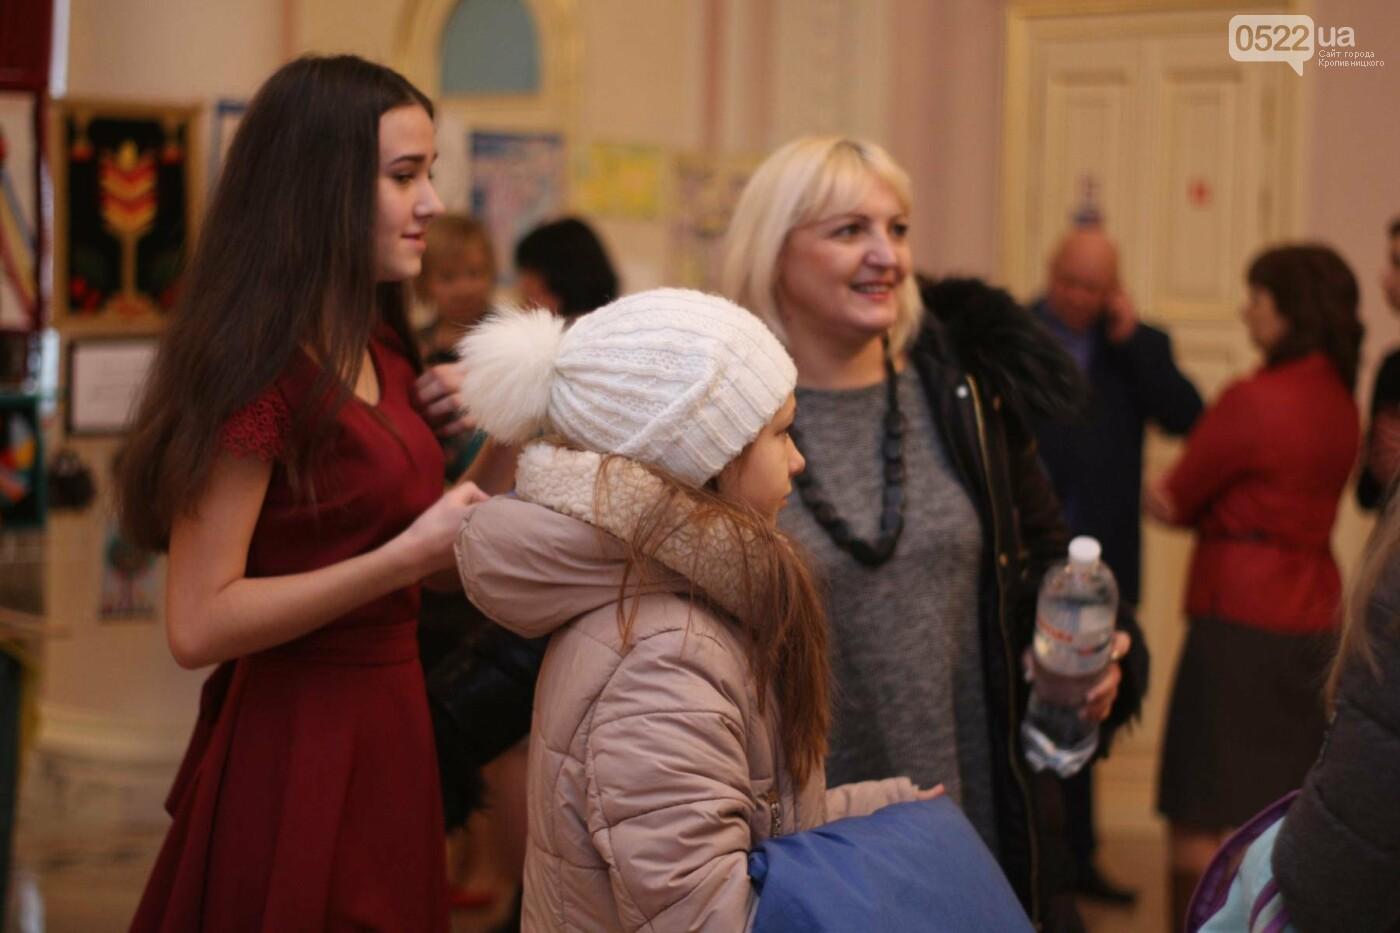 Урочистості до Міжнародного дня людей з інвалідністю відбулися у Кропивницькому, фото-23